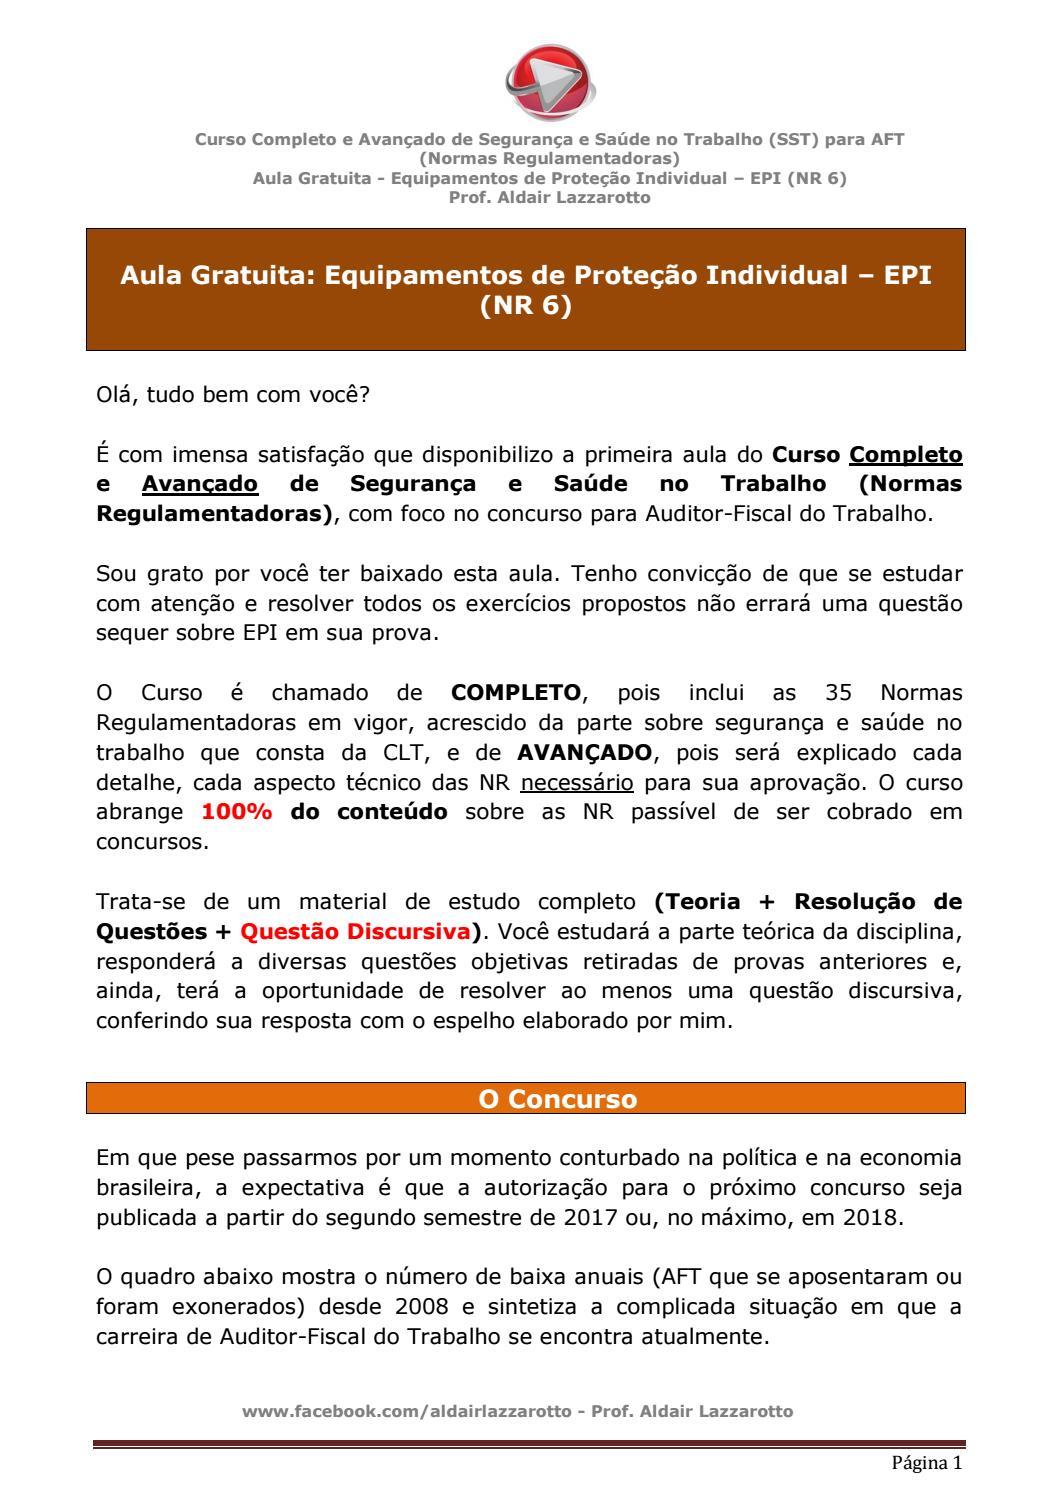 Aula gratuita do Curso Completo de Segurança e Saúde no Trabalho (SST) para  AFT by ald laz - issuu e30520fede